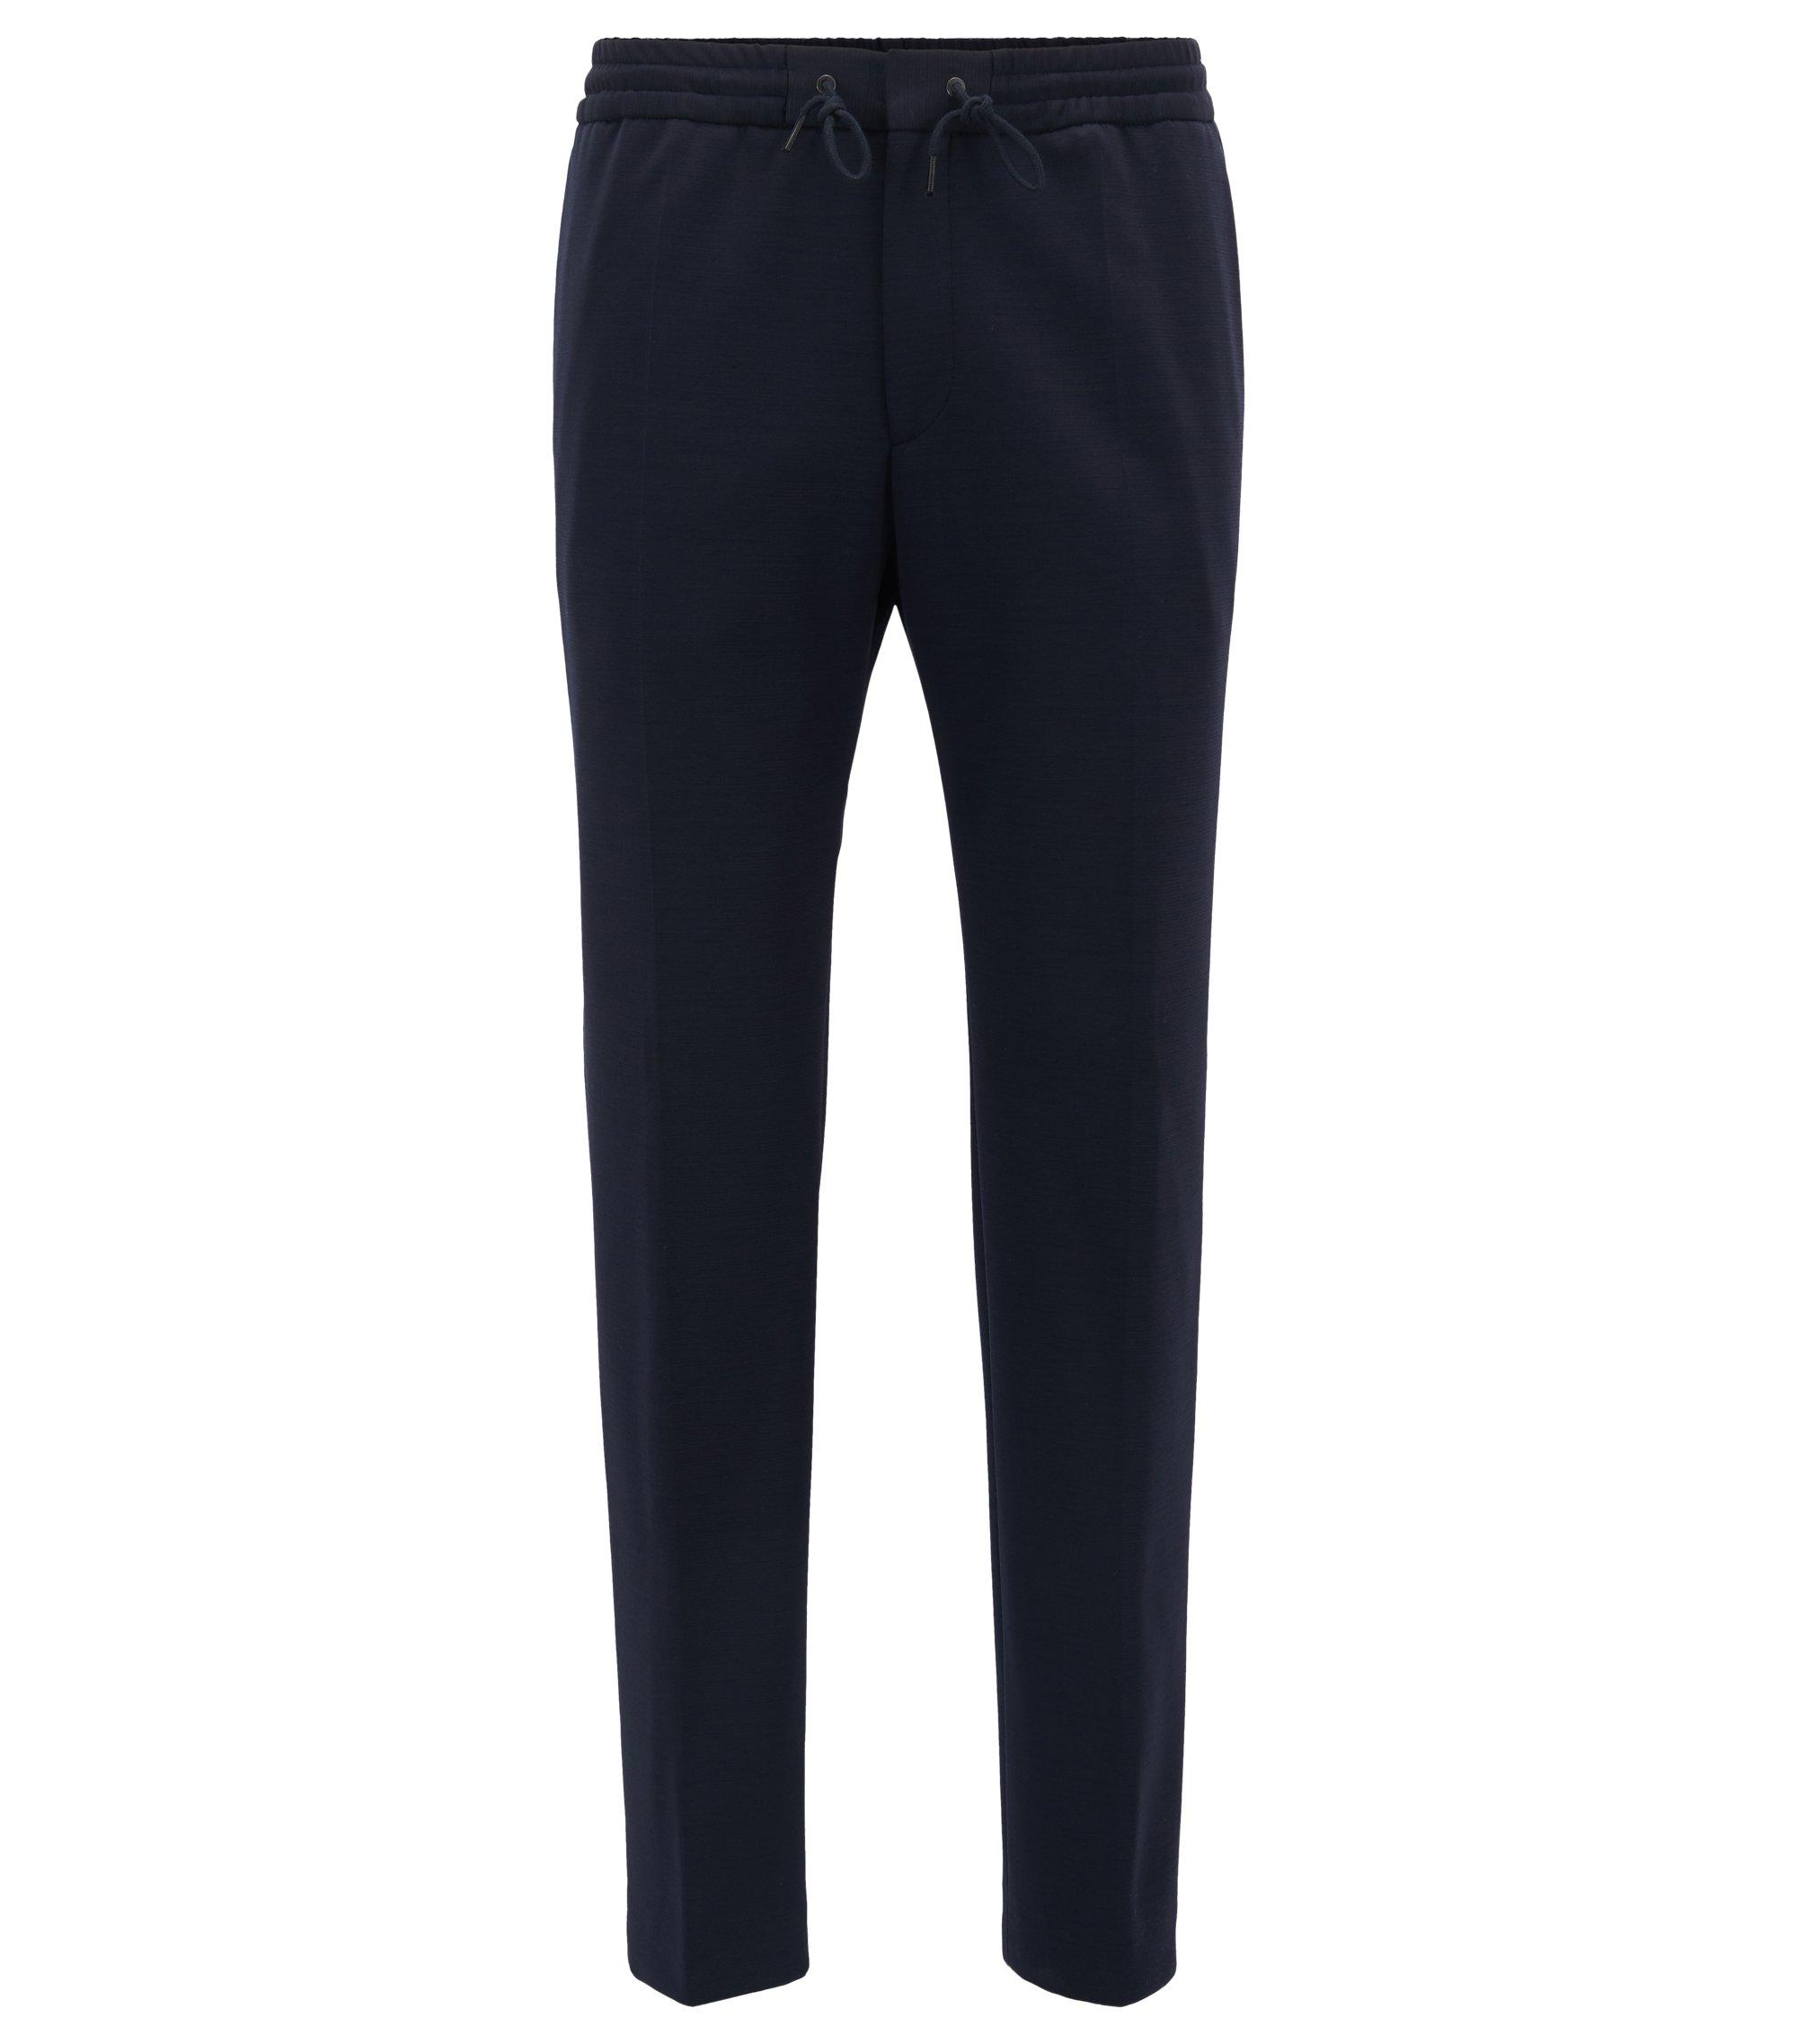 Pantaloni con cordoncino slim fit in misto lana vergine, Blu scuro